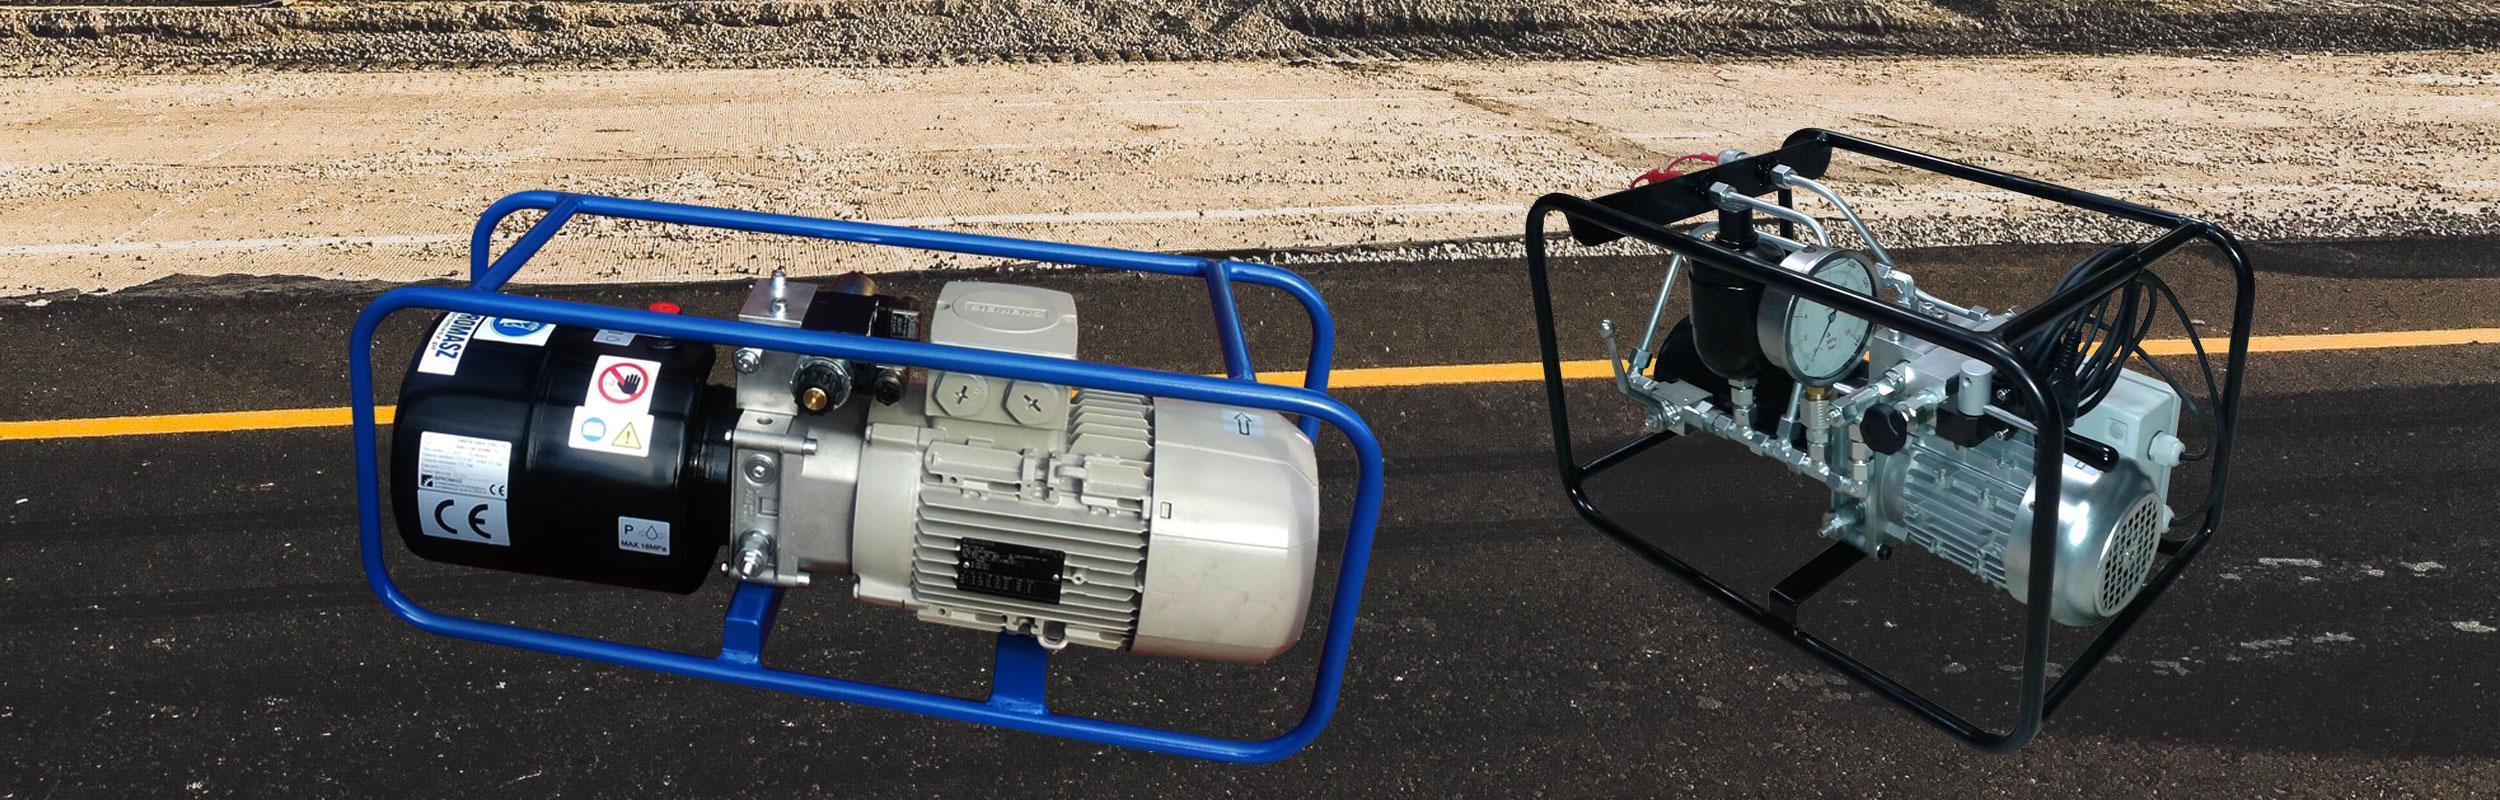 Kompaktowe agregaty hydrauliczne firmy Bipromasz